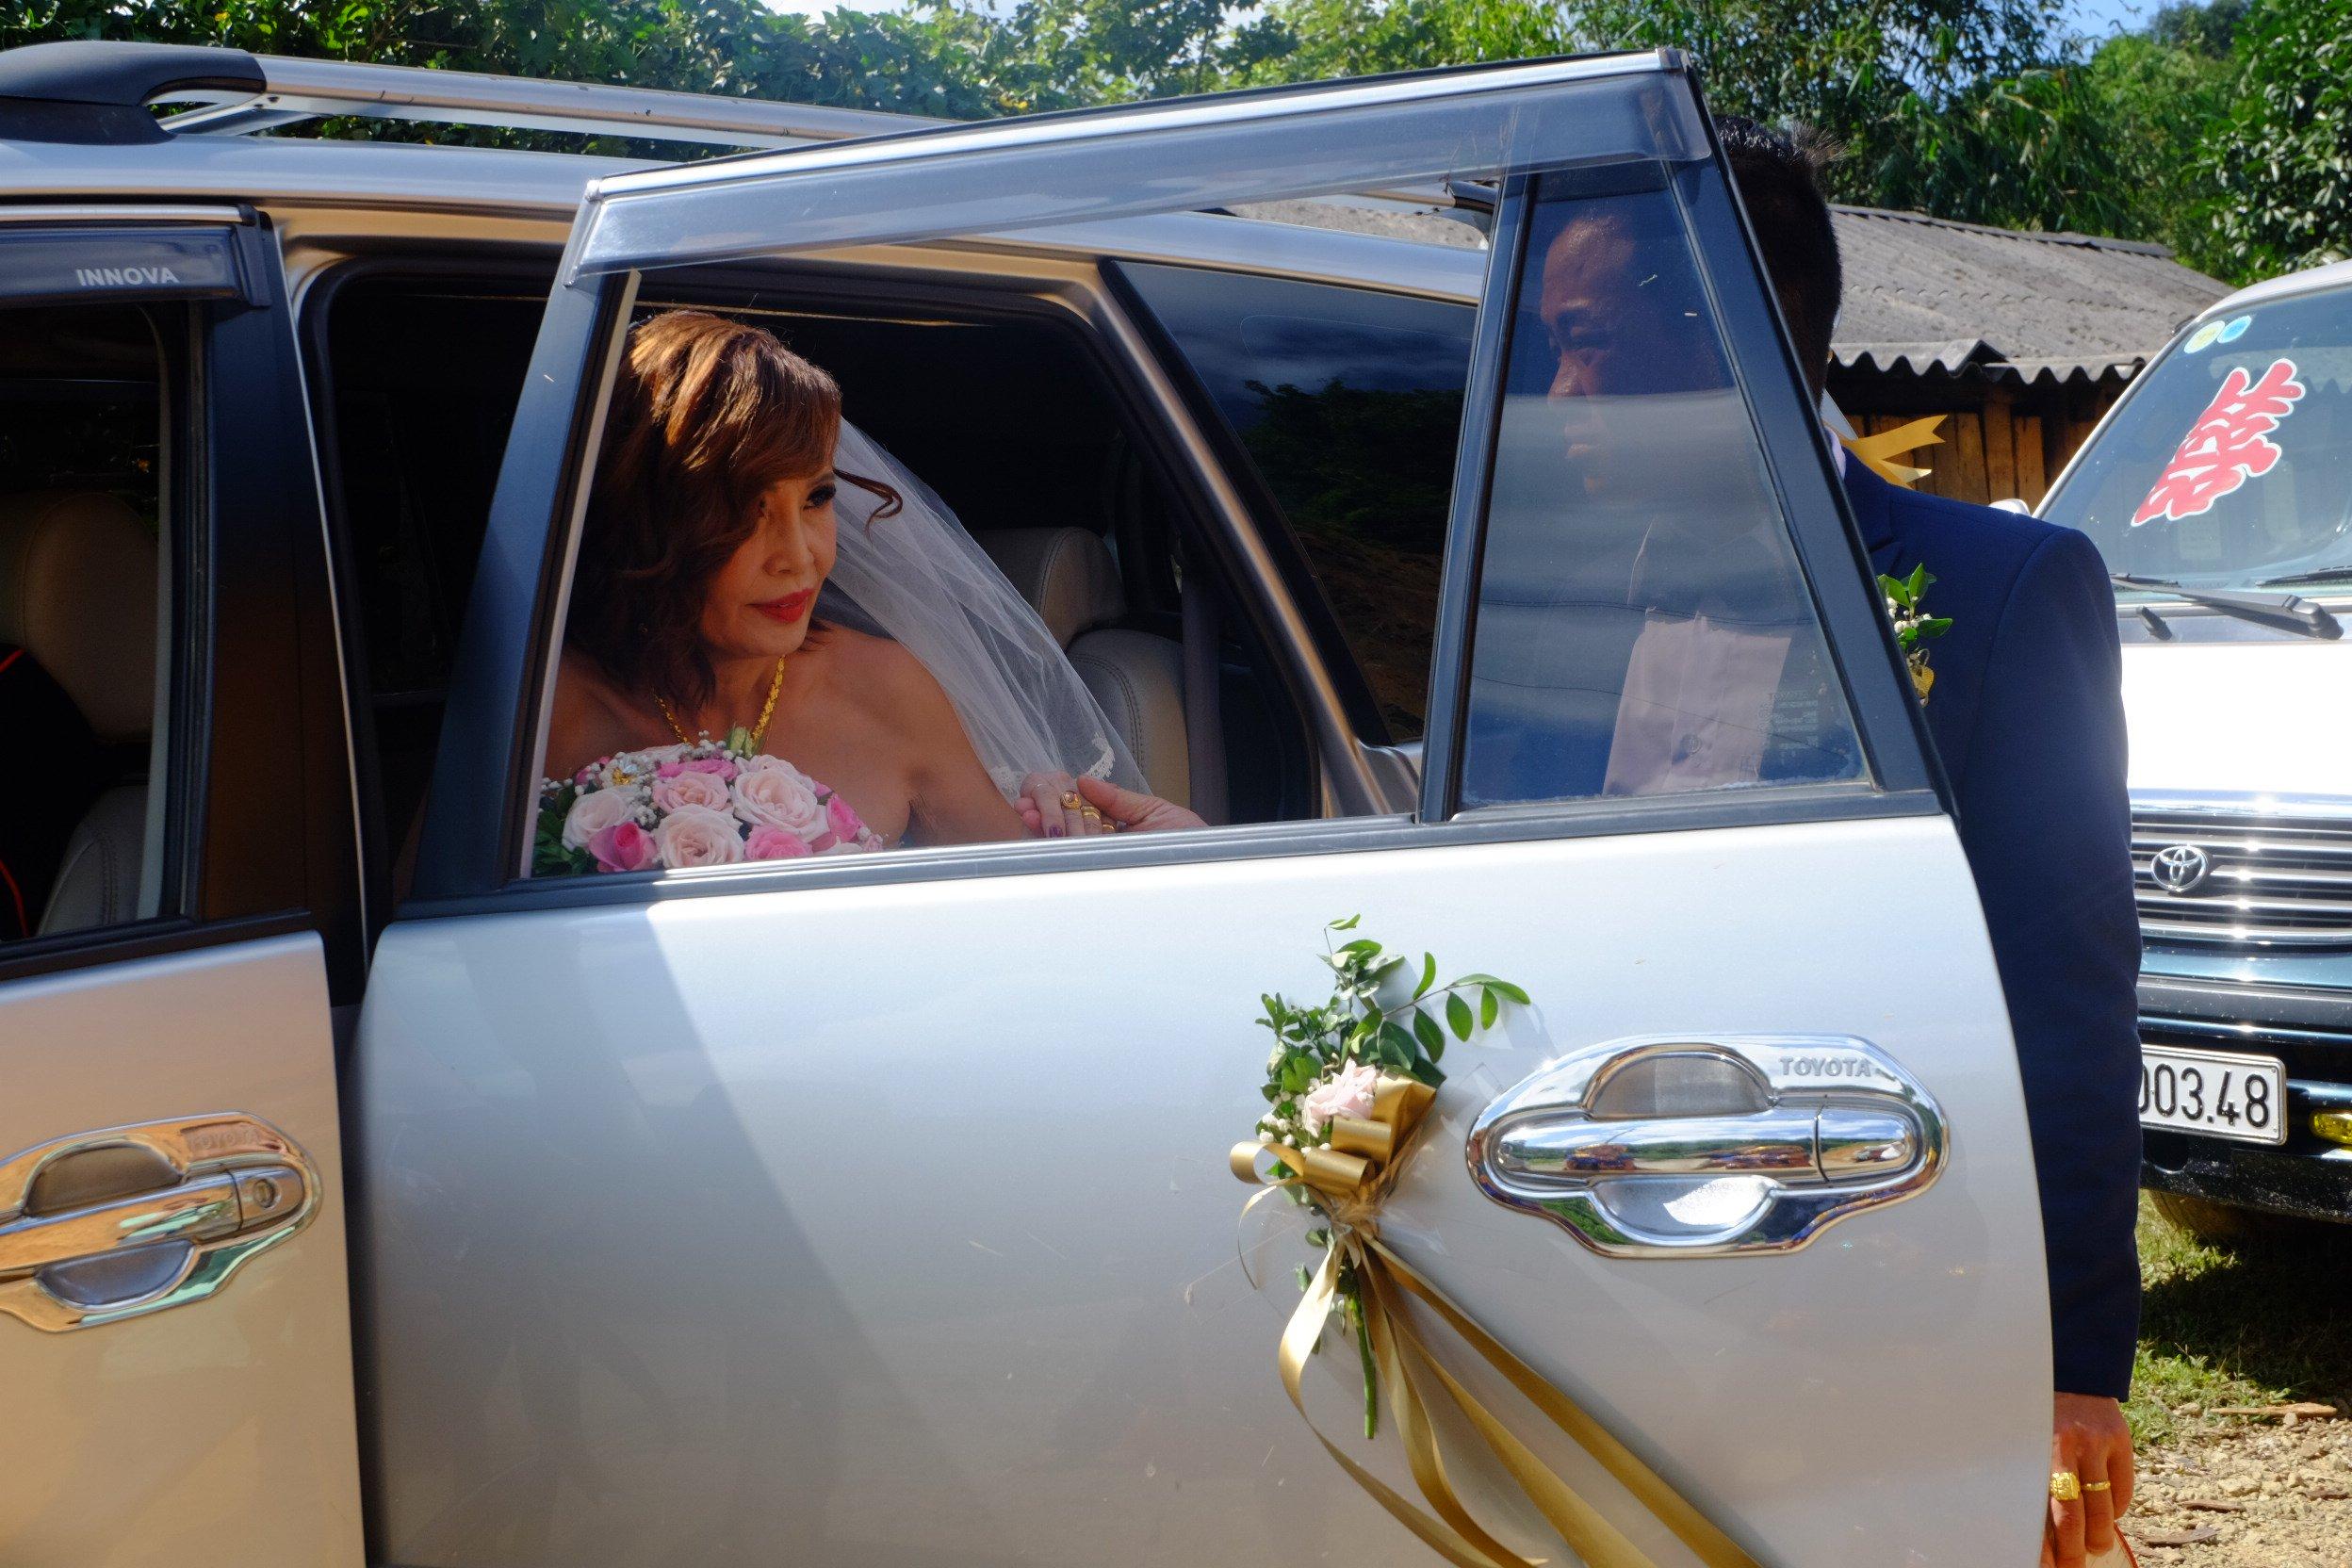 Cô dâu 62 tuổi mặc váy cưới, lội qua 3 con suối về nhà chồng trong niềm hân hoan Ảnh 2